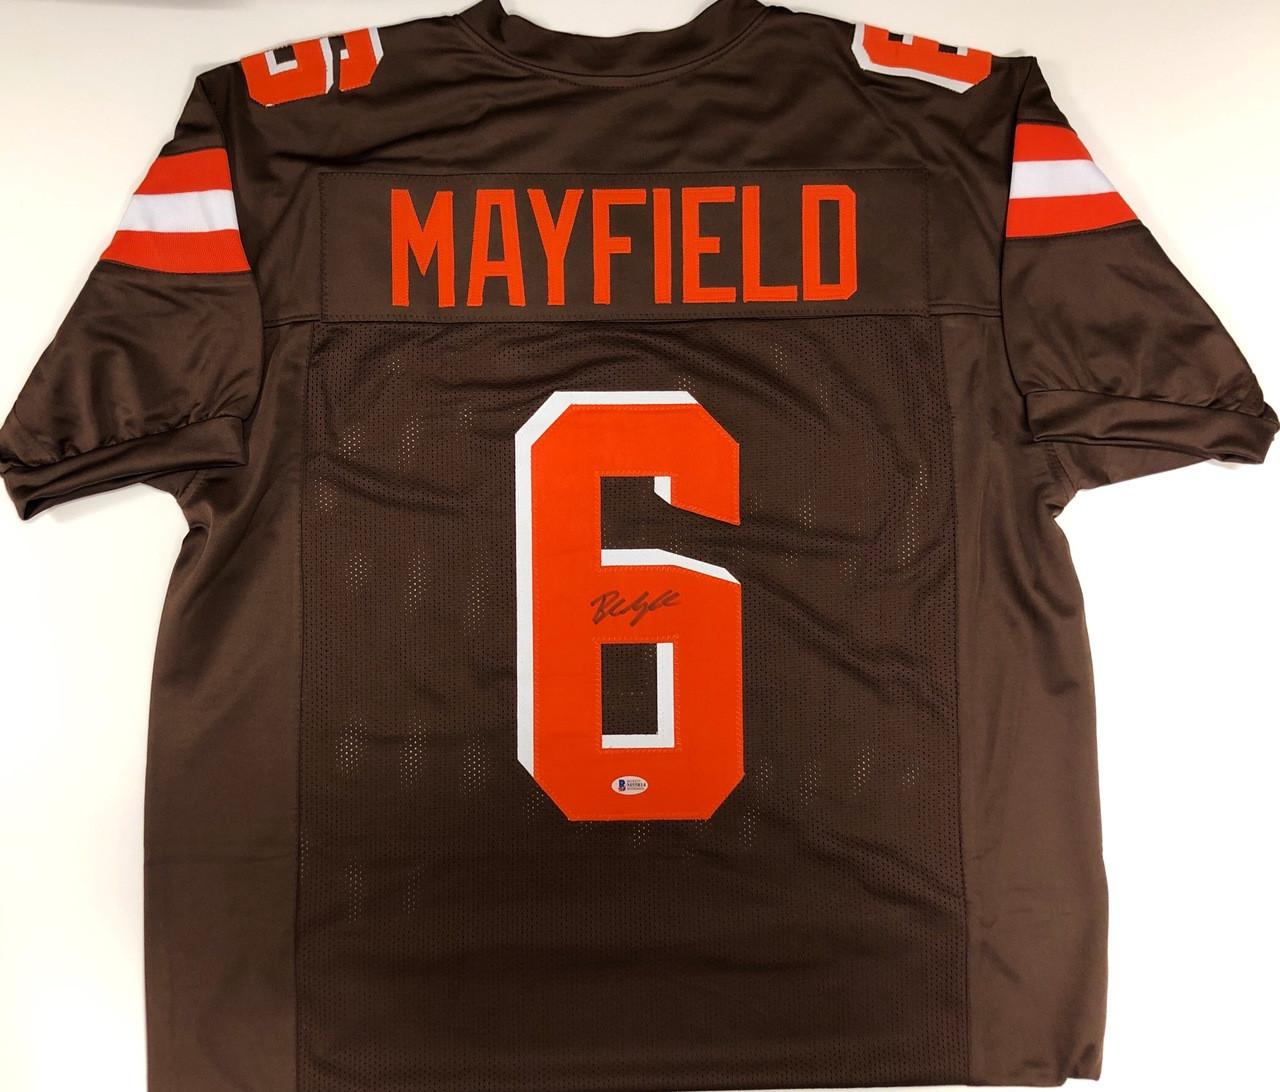 Baker Mayfield Cleveland Browns Autographed Jersey - Beckett COA 3e38887db